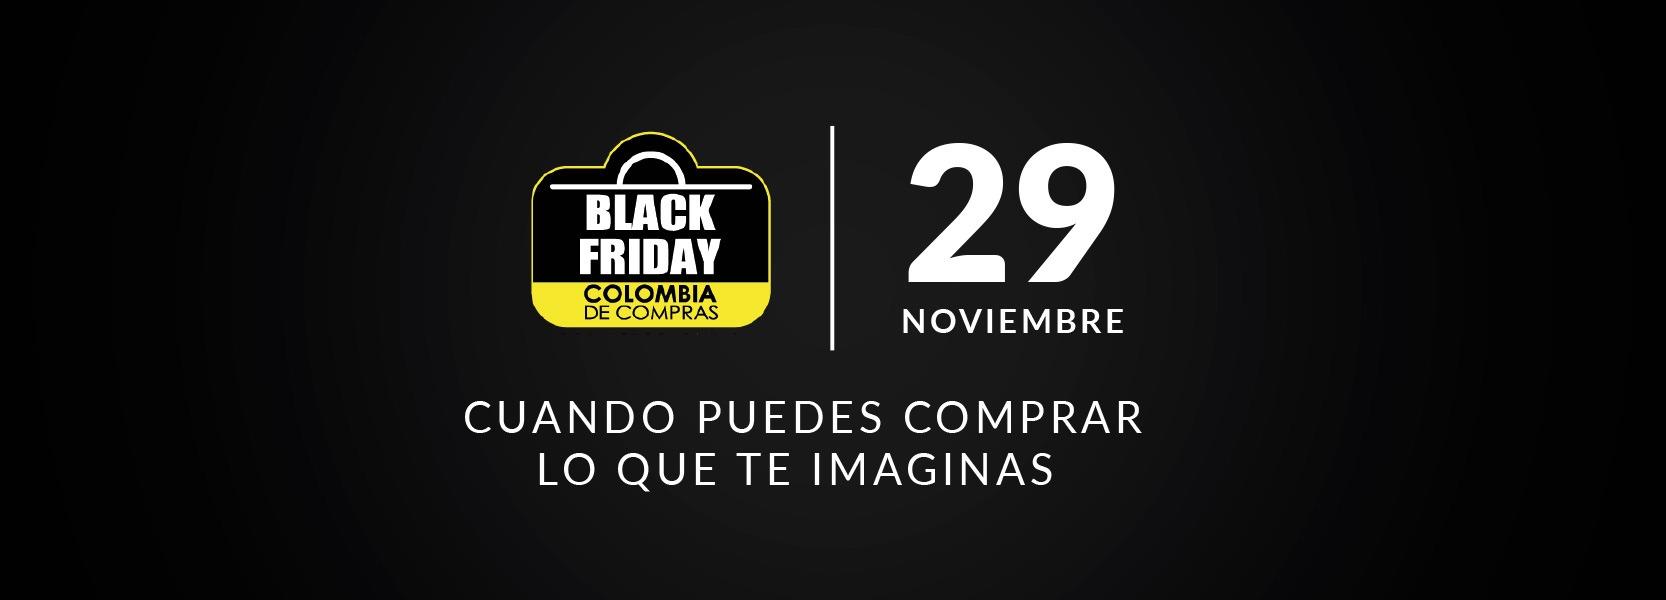 _black